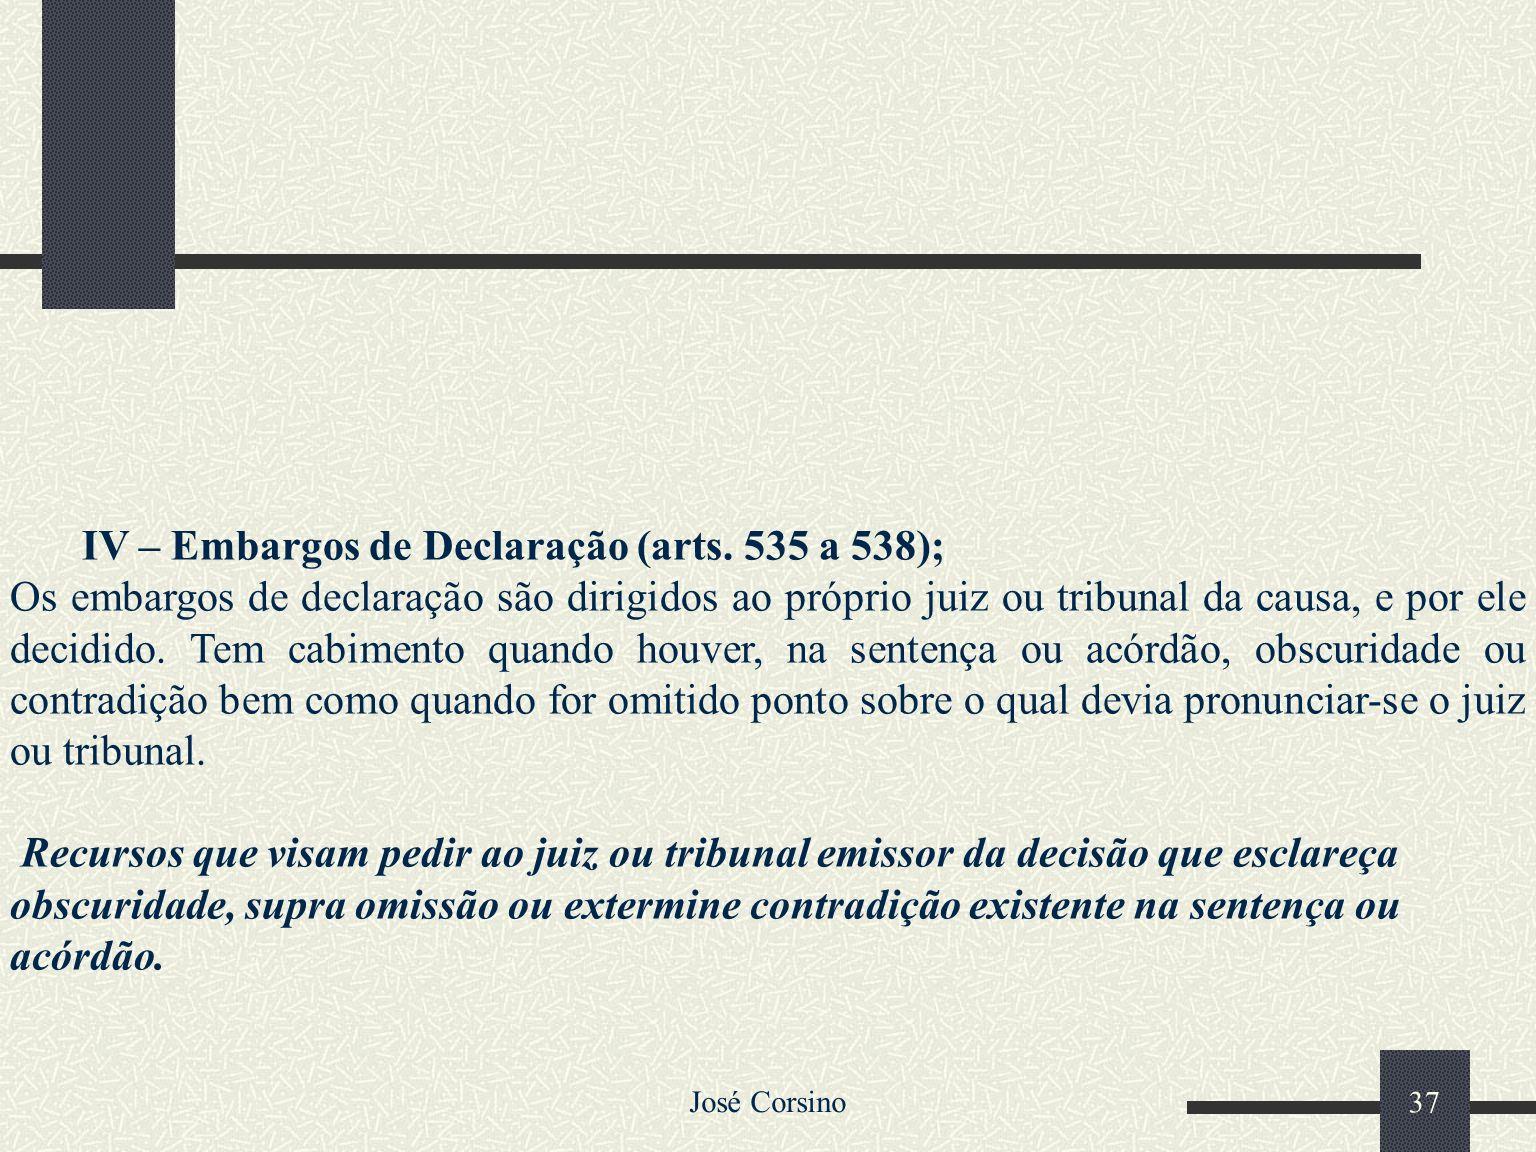 IV – Embargos de Declaração (arts. 535 a 538);